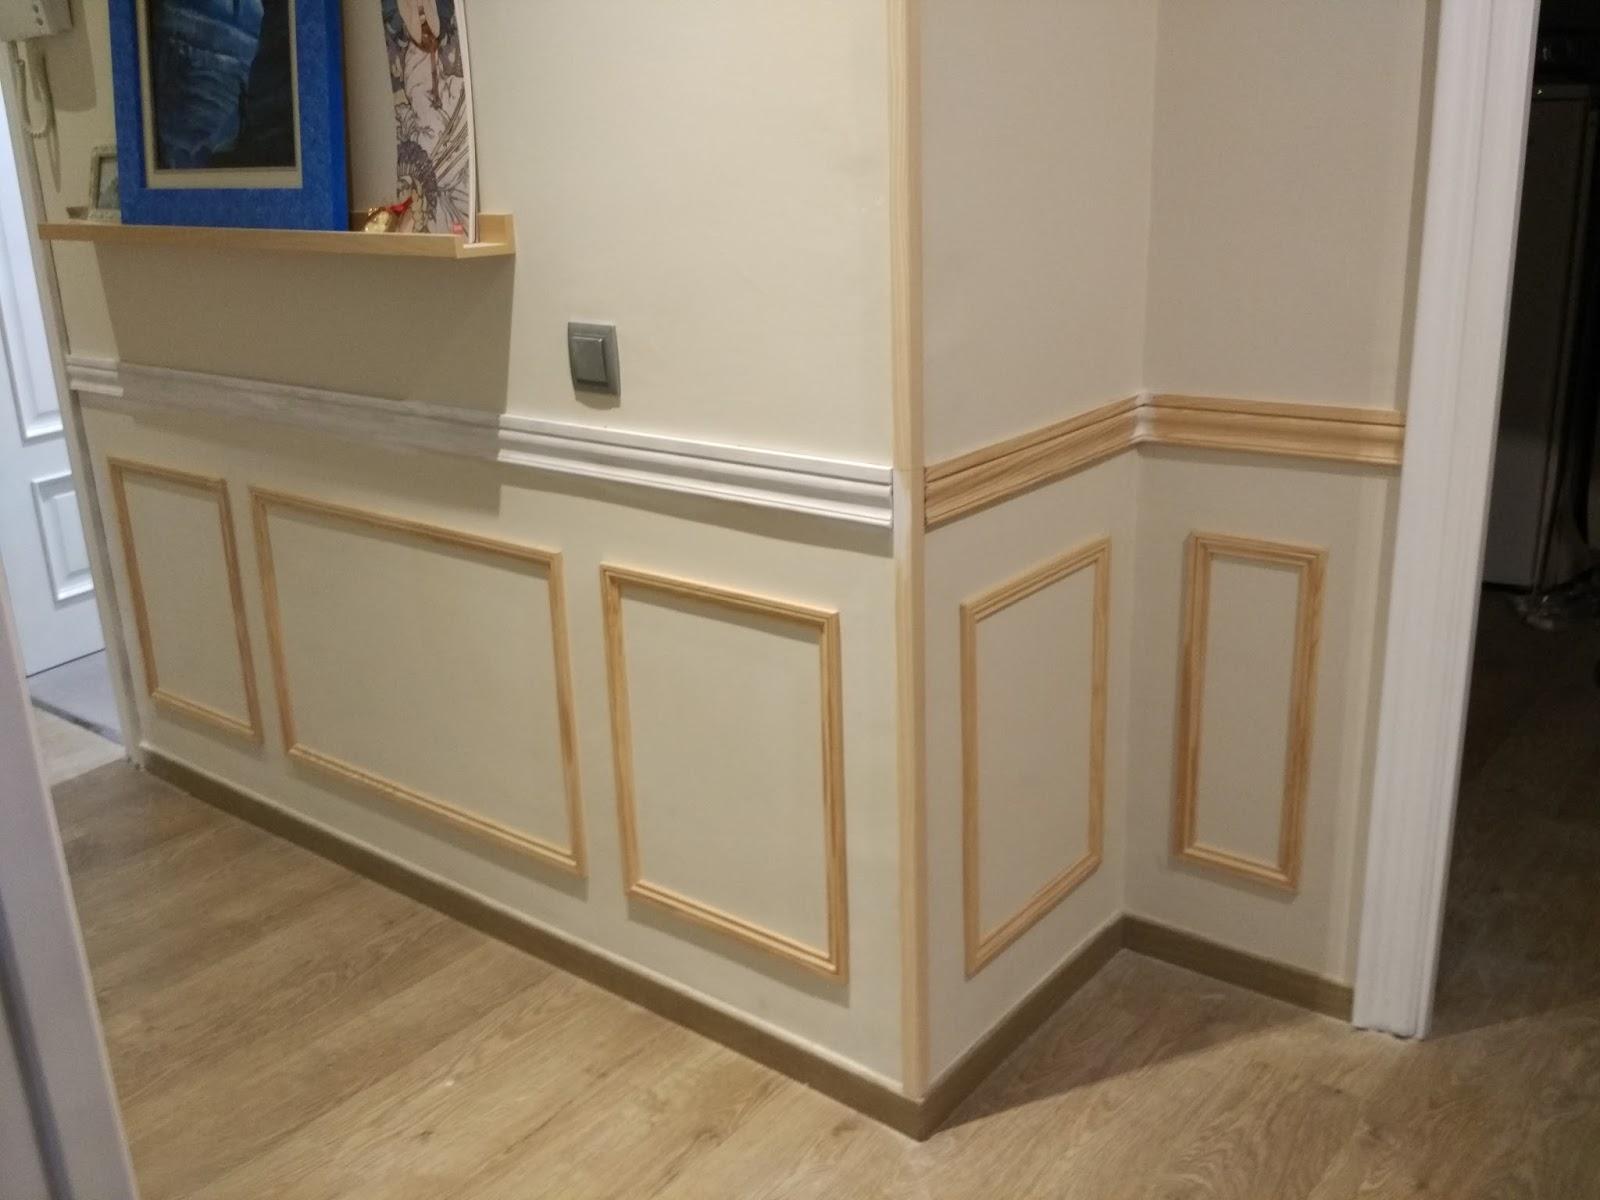 Arte artesania y manualidades lacado de puertas handmade y falso z calo en blanco - Zocalos para paredes interiores ...